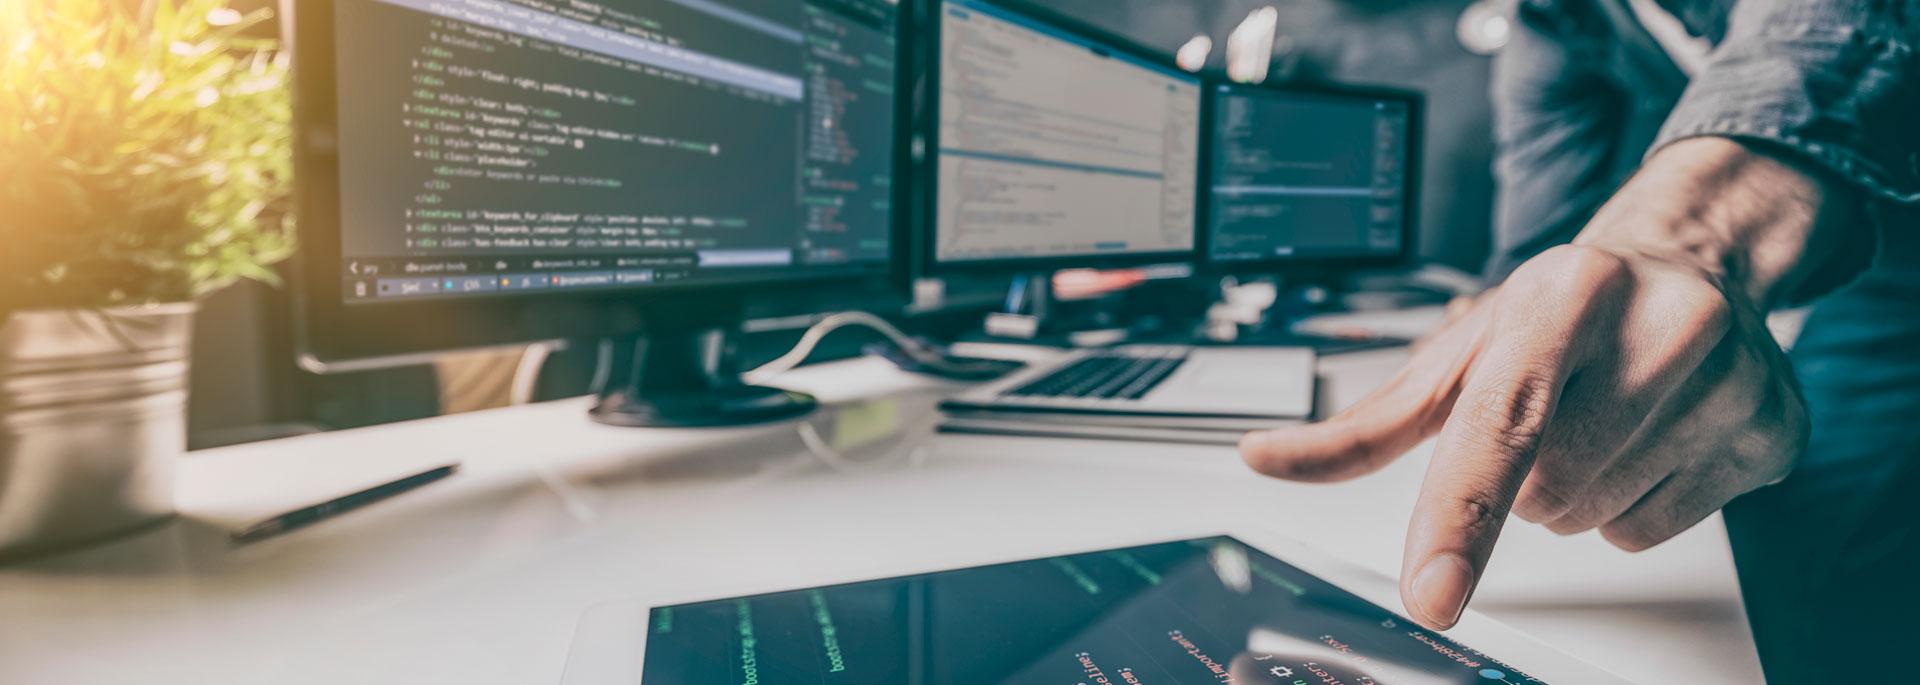 Creación de webs, blogs y tiendas online basic